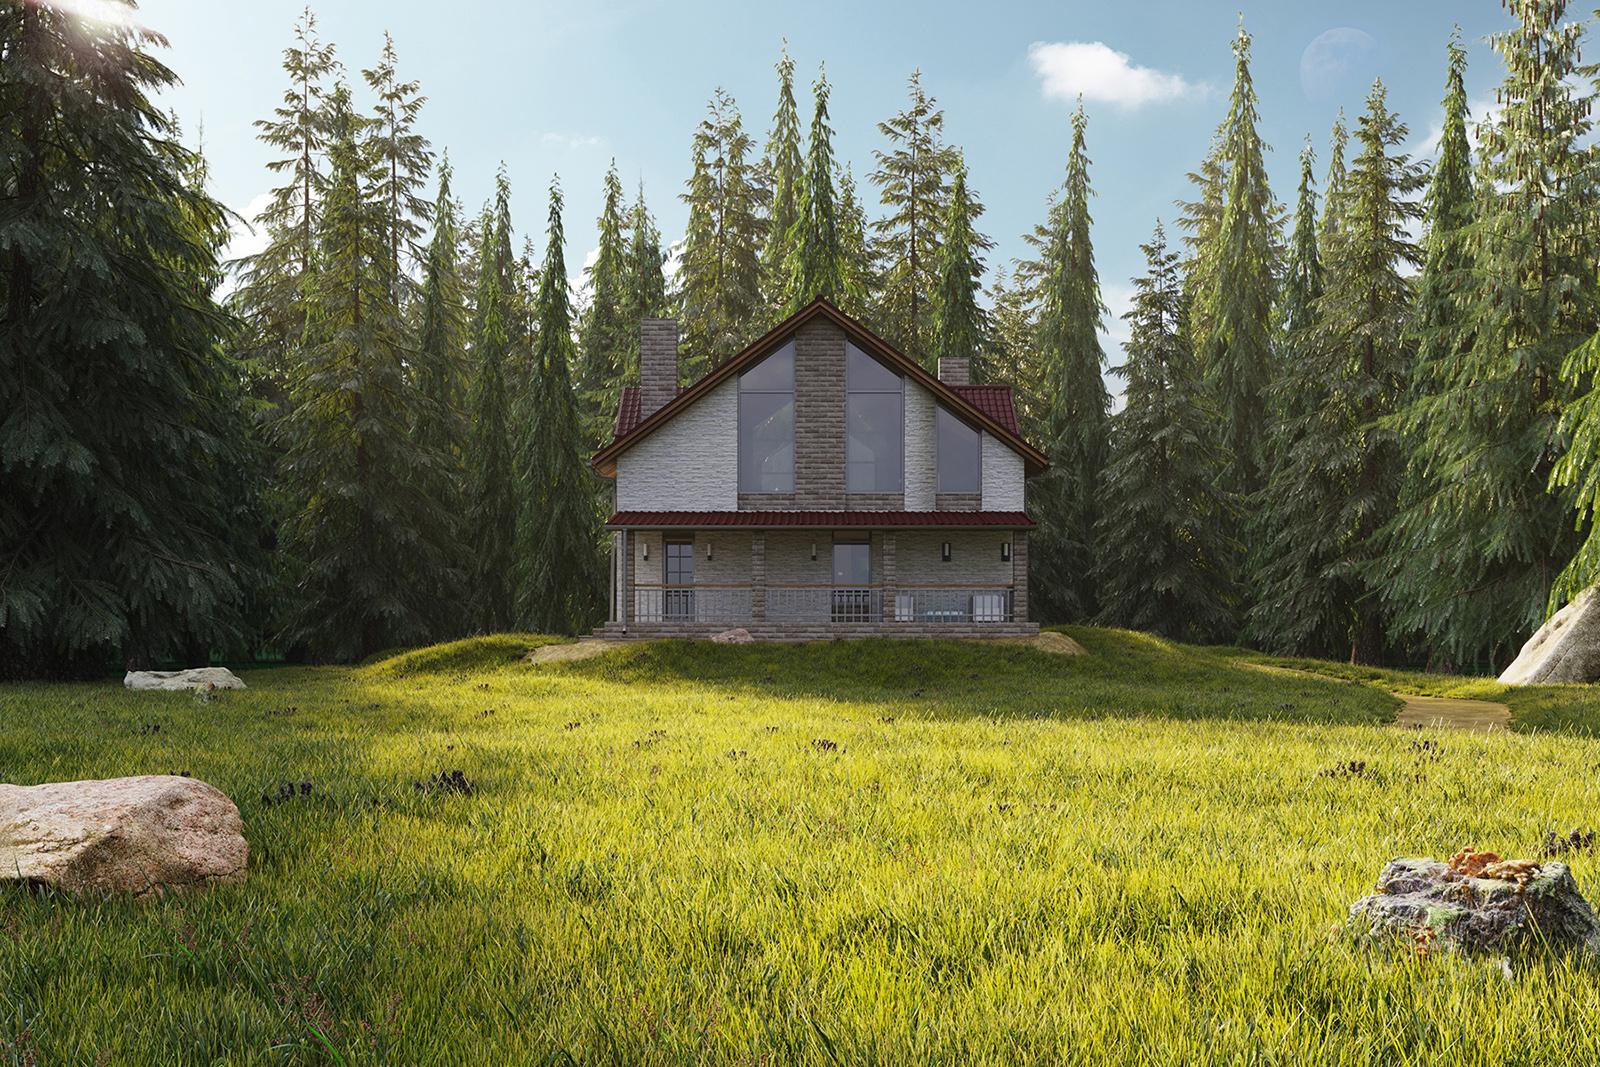 обычный дом в лесу фото внутри можно использовать любом